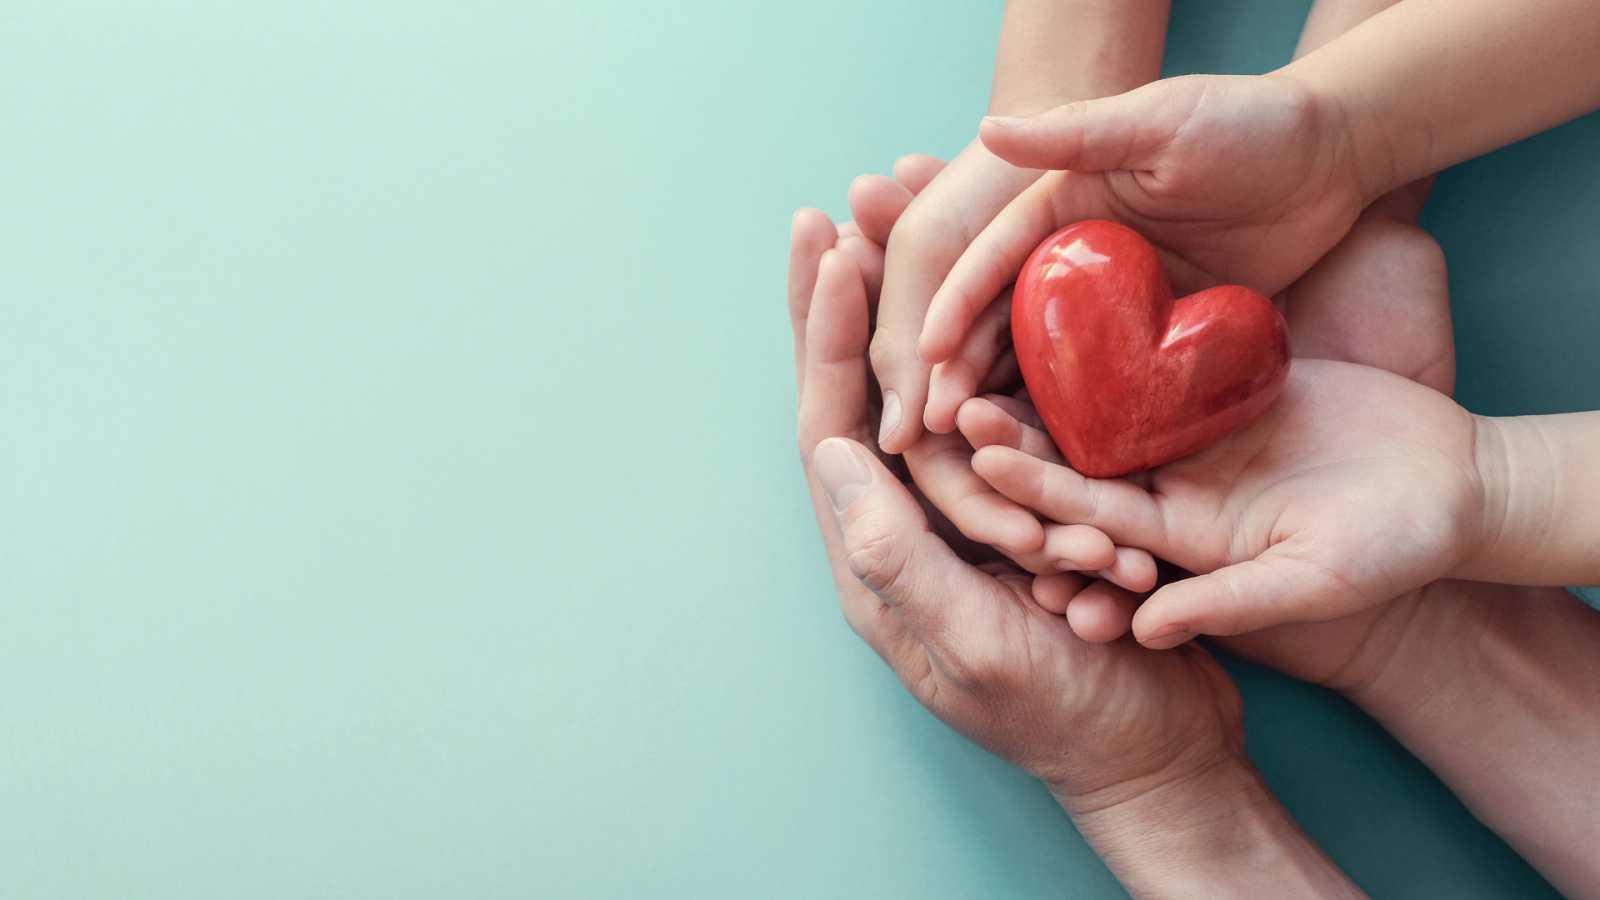 Estamos como queremos - Cuidados del corazón en tiempos de coronavirus - 10/07/20 - Escuchar ahora